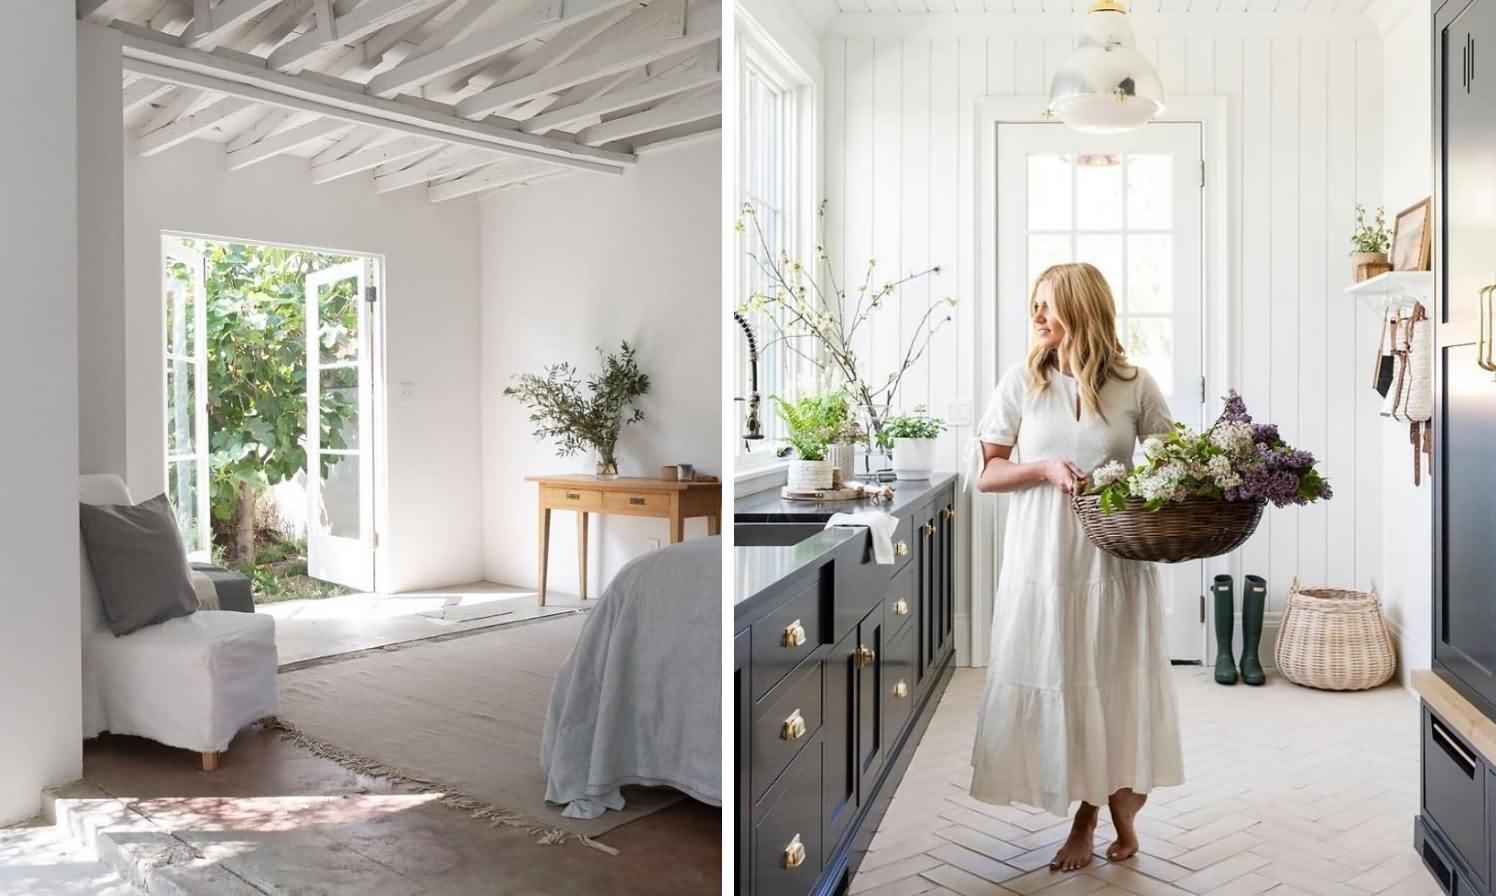 Ваш дом в стиле бохо: мебель, декор, растения